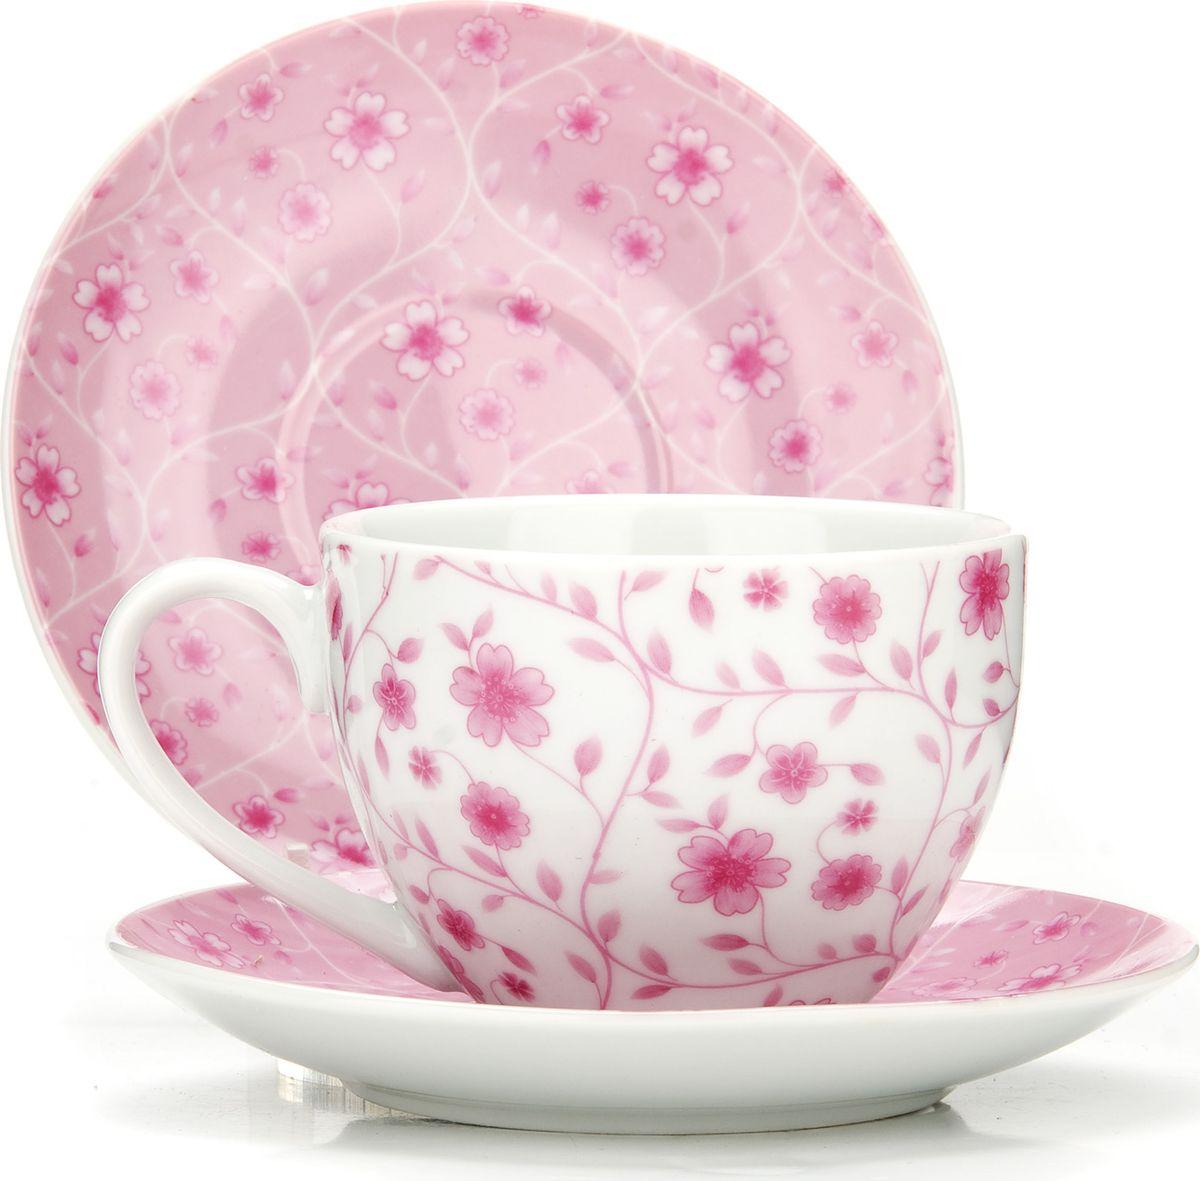 Сервиз чайный Loraine, на подставке, 13 предметов. 43291115510Чайный набор состоит из шести чашек, шести блюдец и металлической подставки. Предметы набора изготовлены из качественного фарфора и оформлены красочным рисунком. Чайный набор идеально подойдет для сервировки стола и станет отличным подарком к любому празднику. Все изделия можно компактно хранить на подставке, входящей в набор. Подходит для мытья в посудомоечной машине.Диаметр чашки: 9 см.Высота чашки: 7 см.Объем чашки: 220 мл.Диаметр блюдца: 14 см.